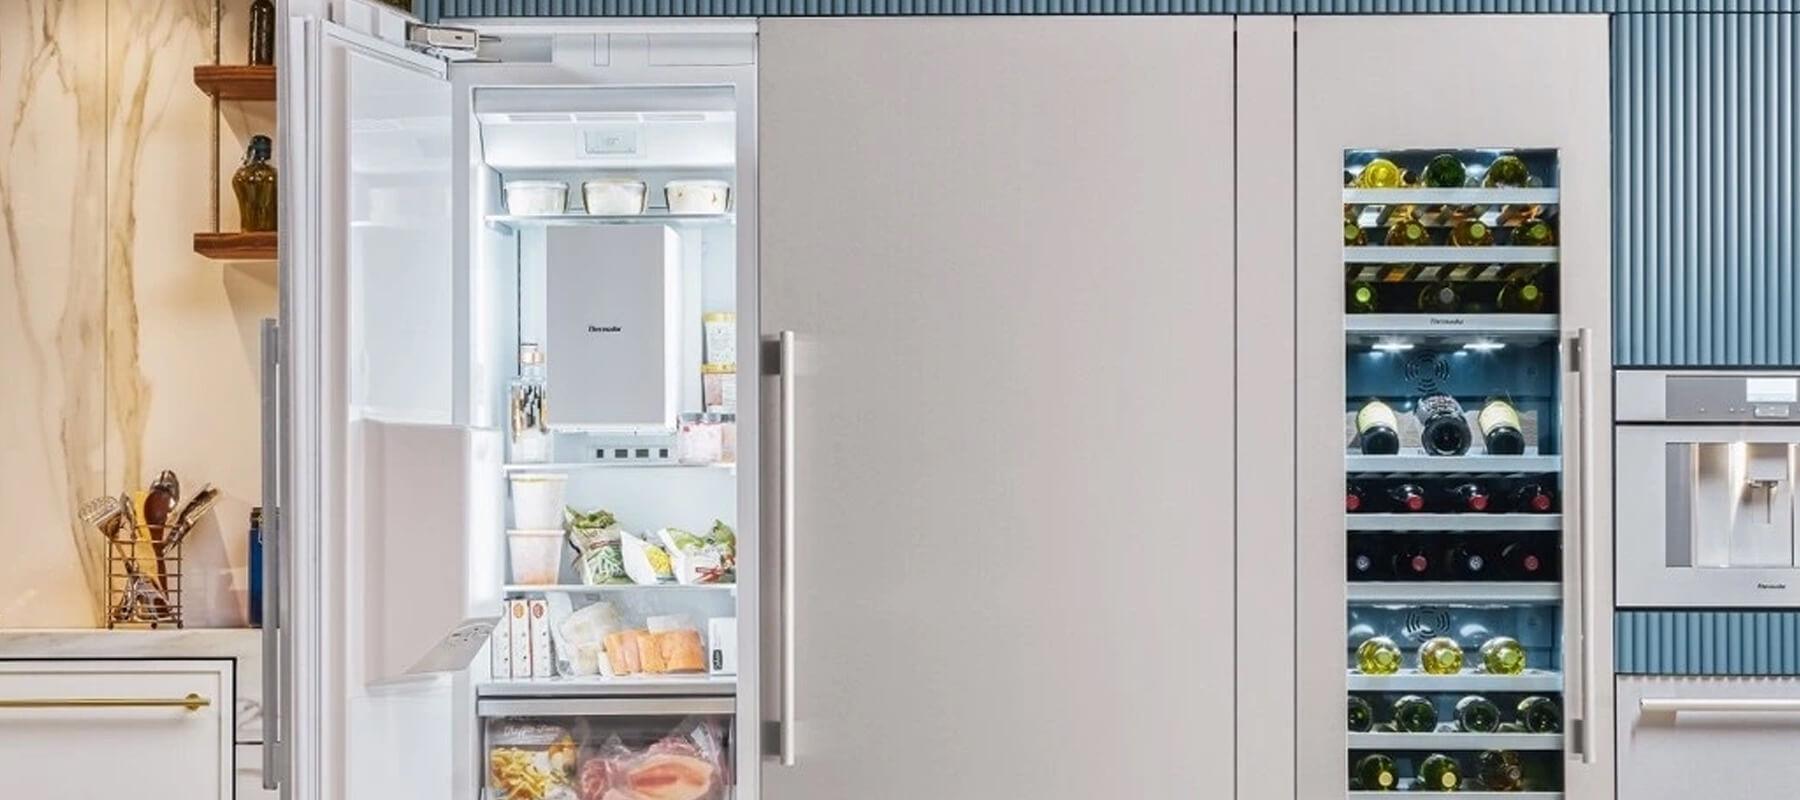 Built in Wine Refrigerator Laguna Beach | Built-in Refrigerator Repair